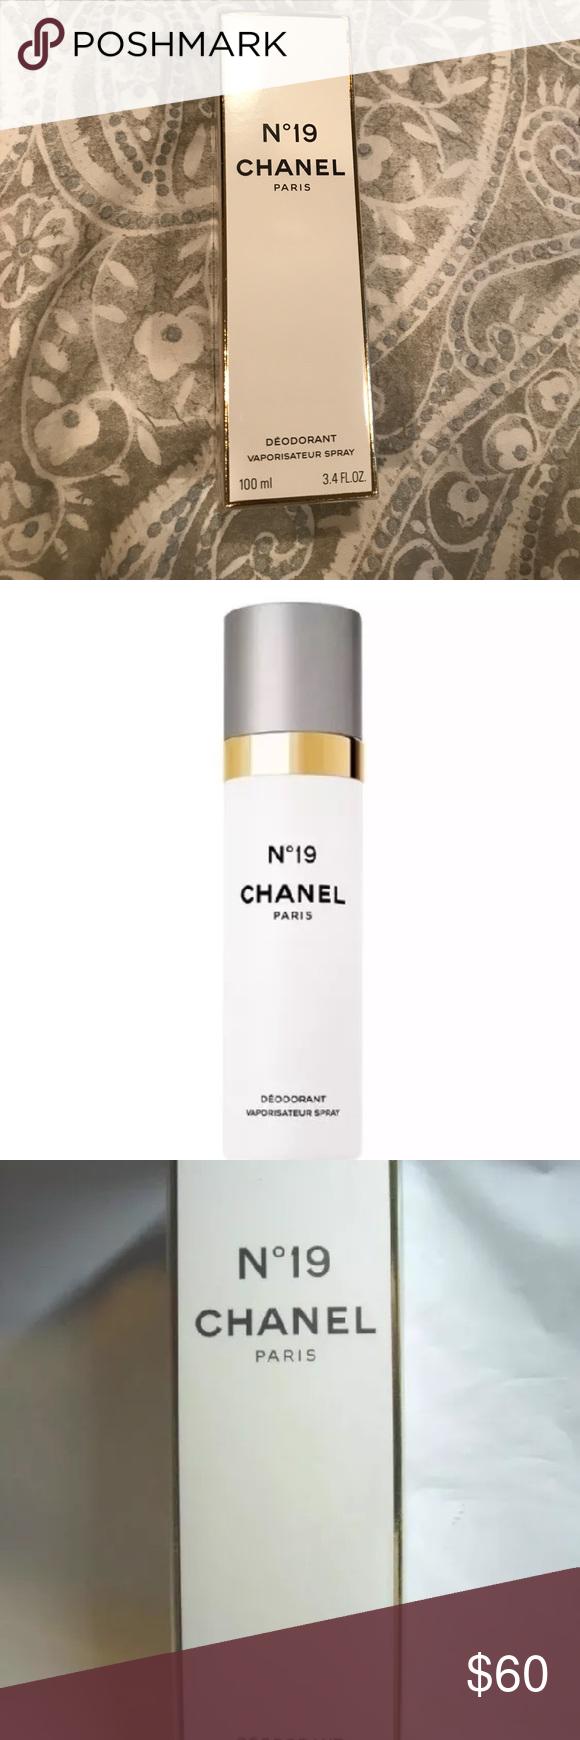 4fd9697b47 Chanel N' 19 deodorant spray 100ml / 3.4 oz This deodorant spray ...